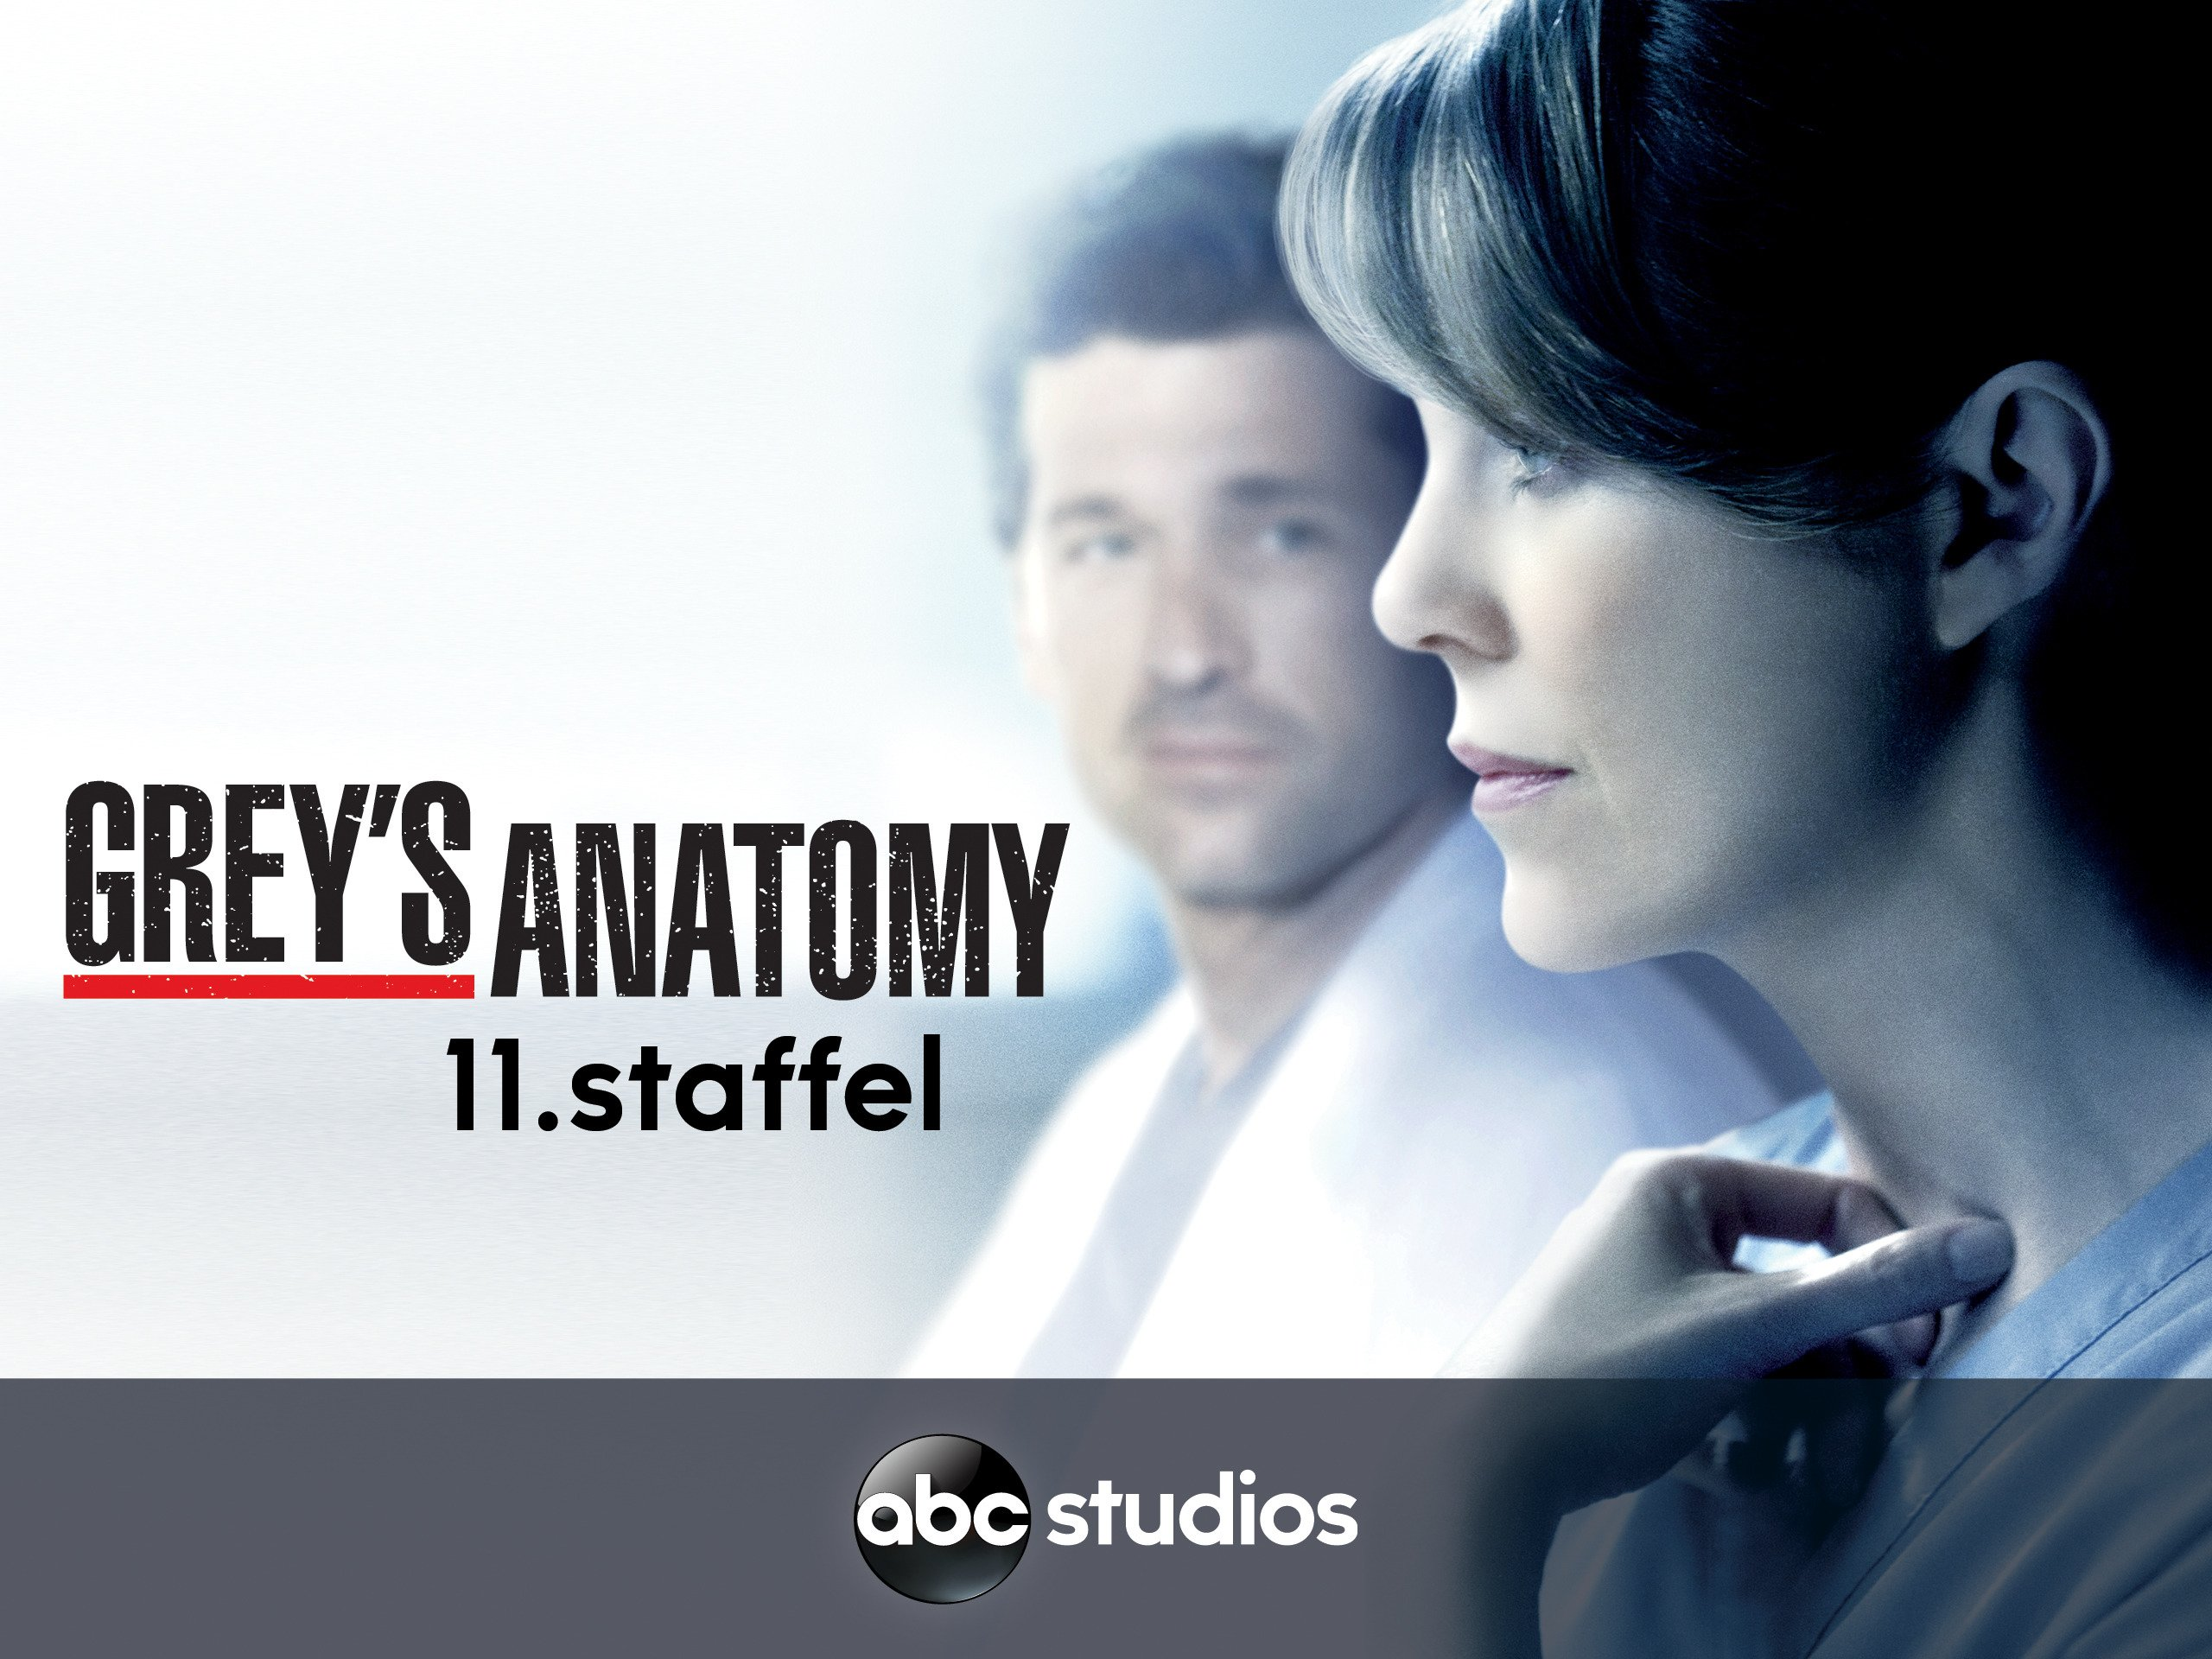 Grey\'s Anatomy - Staffel 11 [OmU] online schauen und streamen bei ...